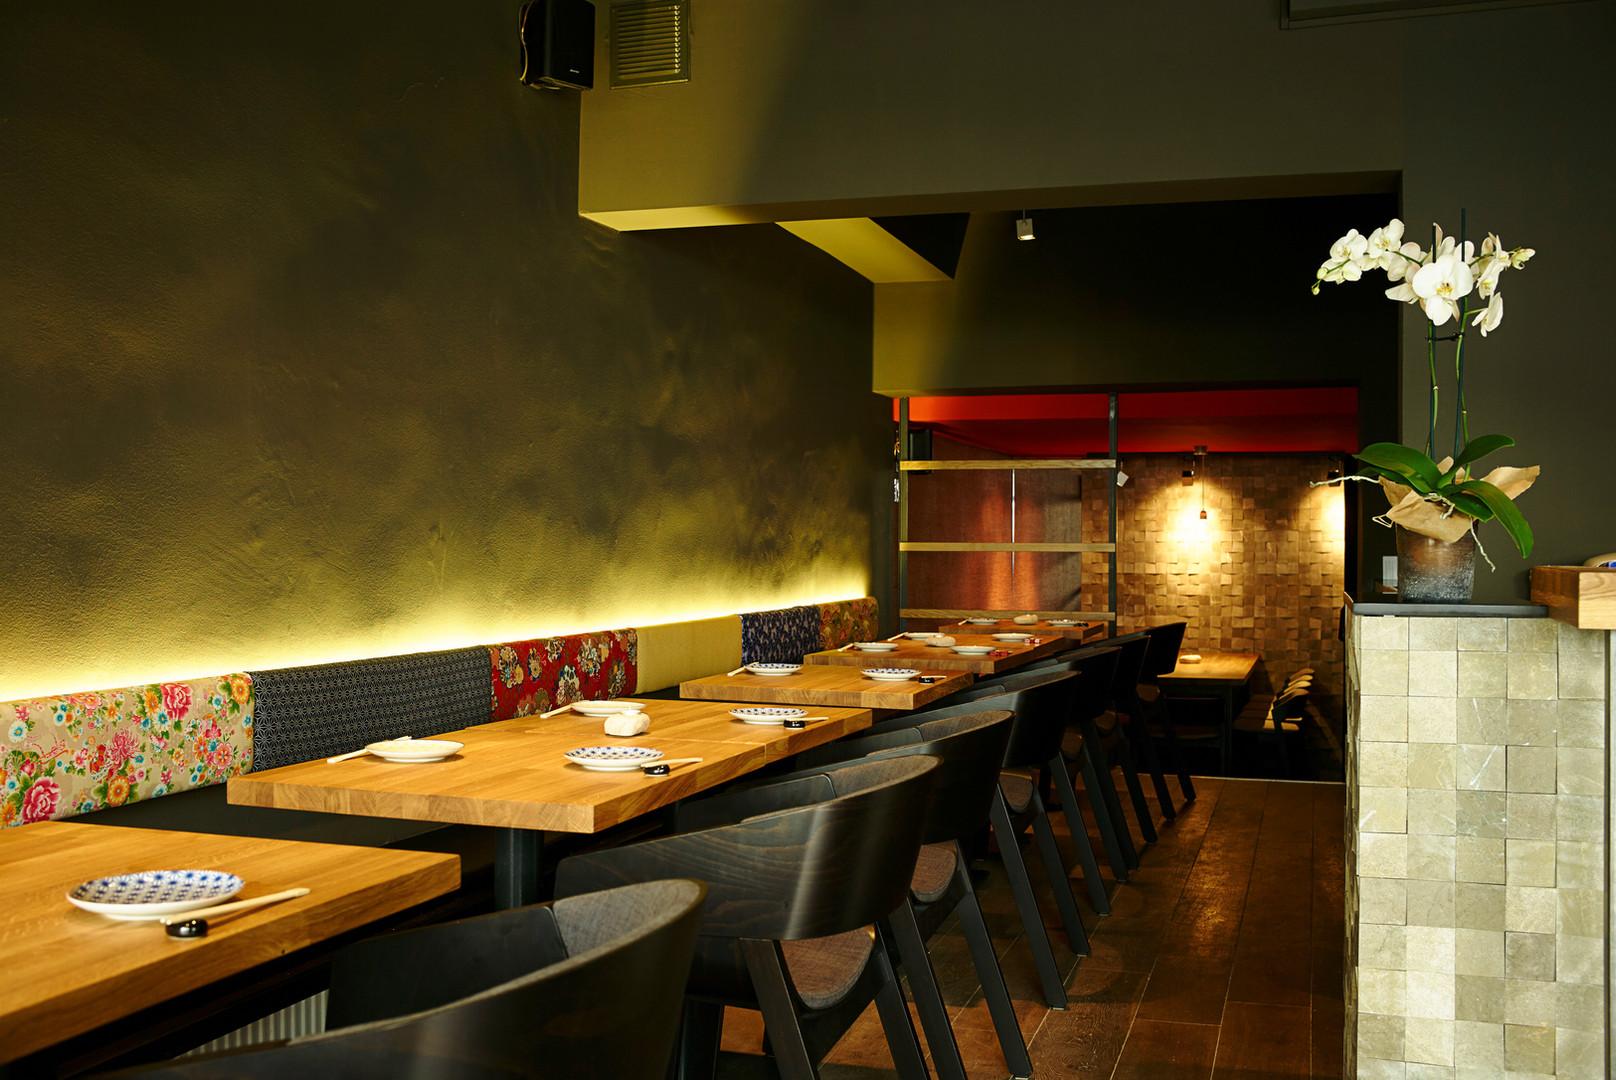 Restaurant_Zen_001.jpg